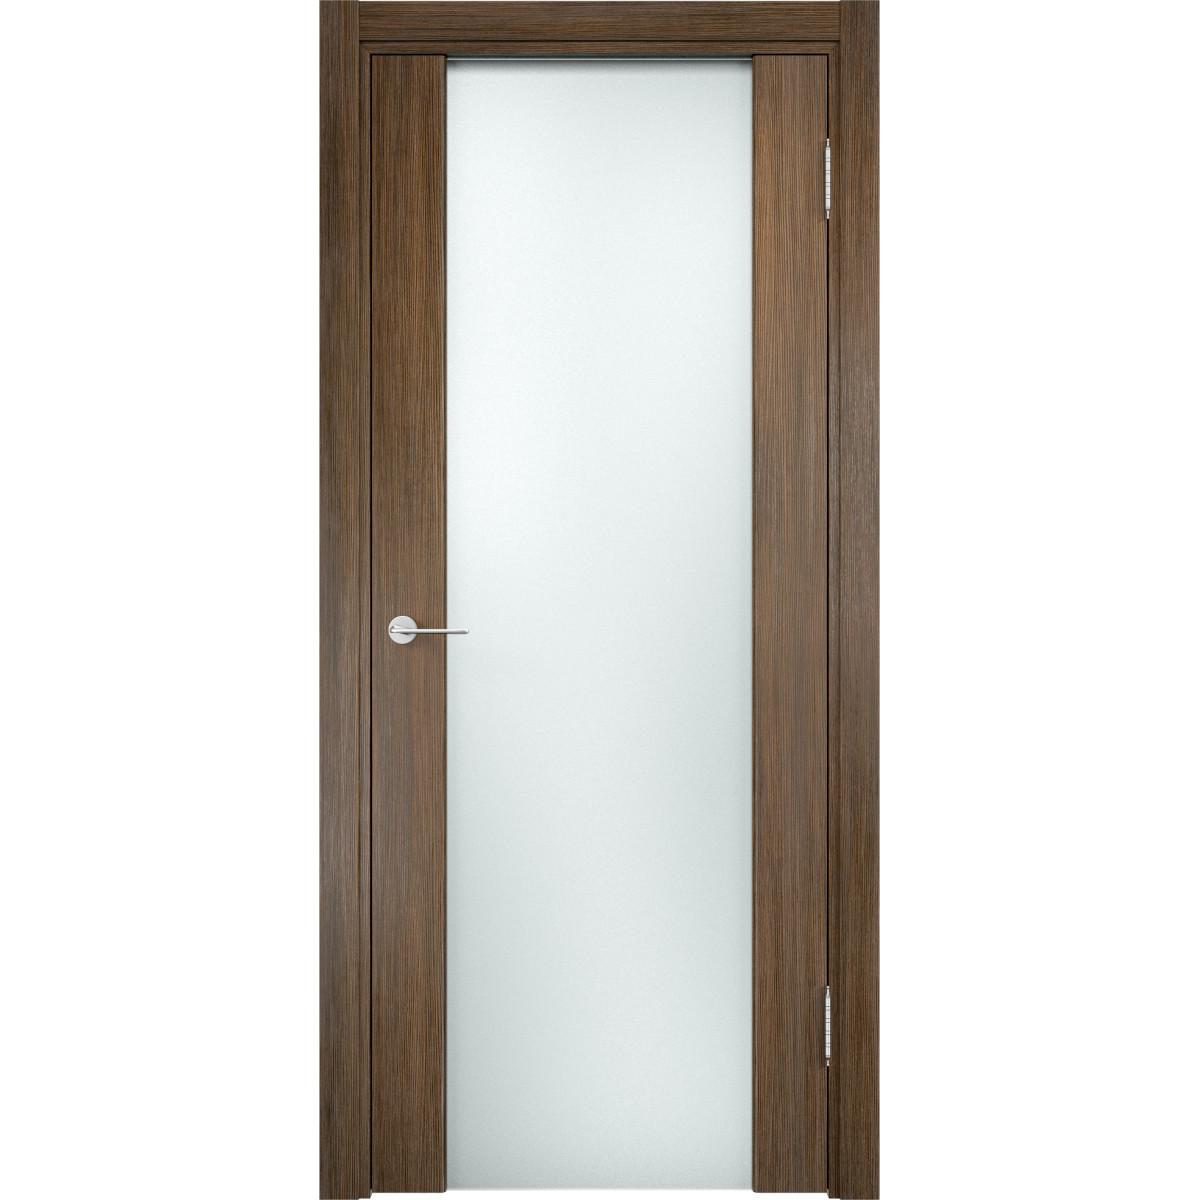 Дверное полотно Casaporte Сан-Ремо МП_0192 2000х700х44 мм МДФ